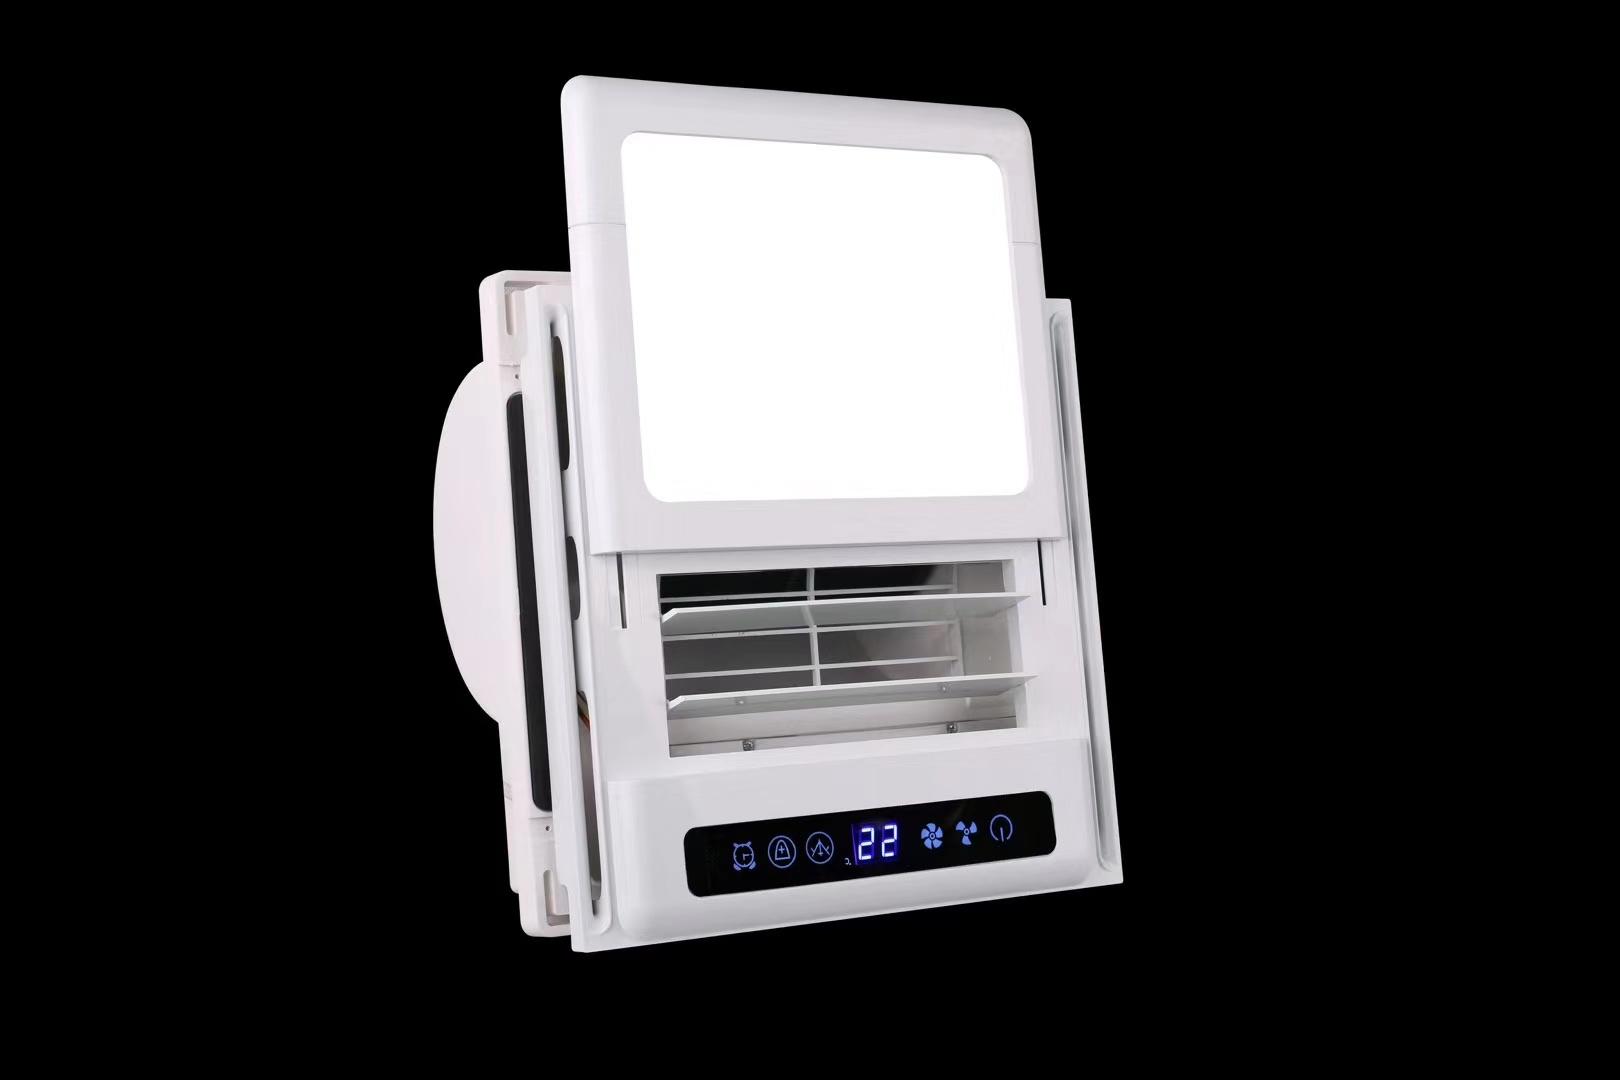 对于厨房装修凉霸是否有用的条件,安装位置哪里合适呢